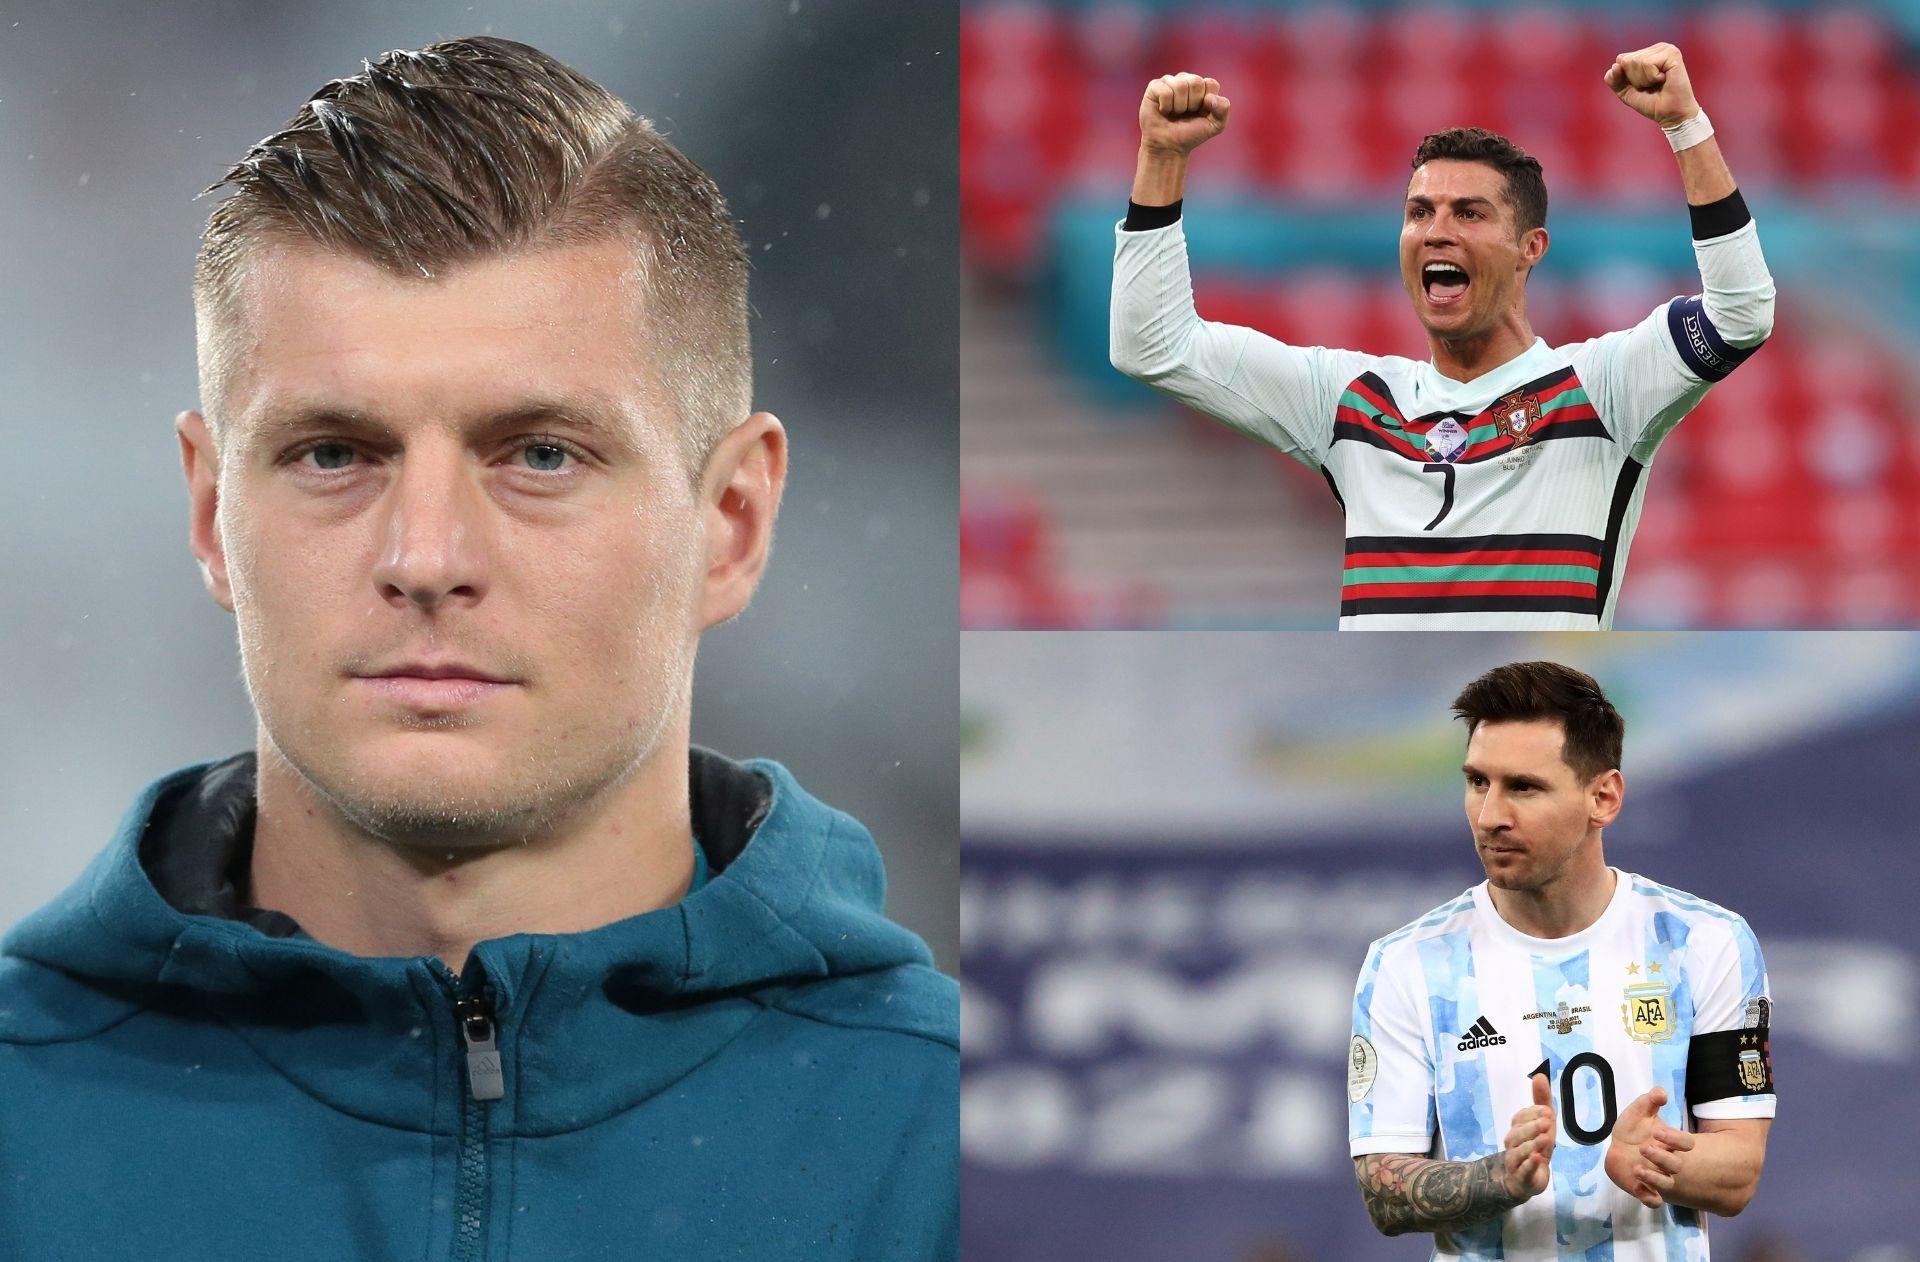 Toni Kroos, Cristiano Ronaldo, Lionel Messi